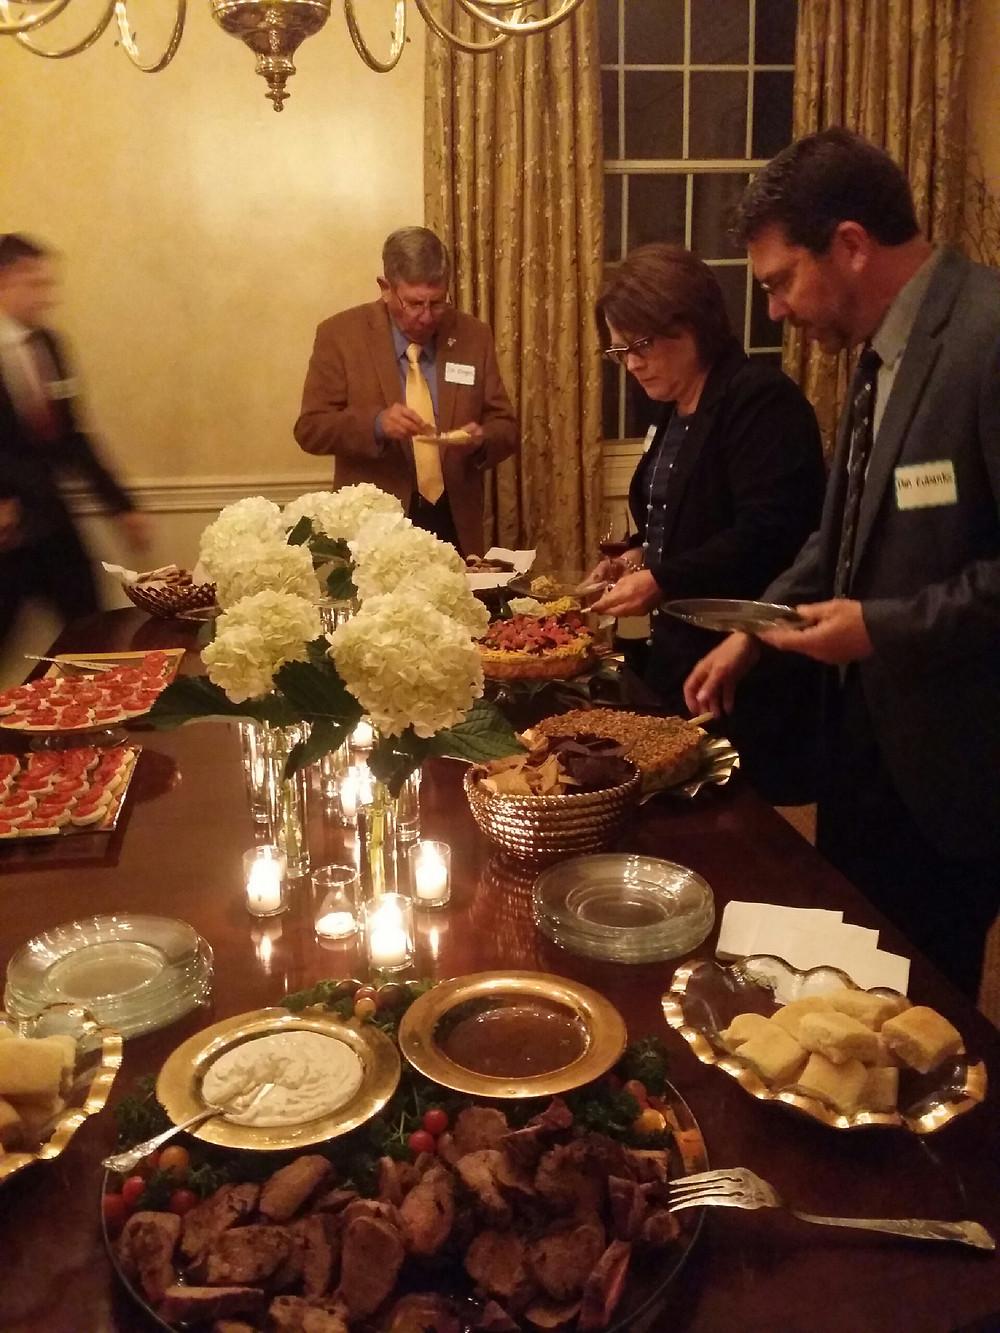 Dinner at Secretary Hoseman's house.